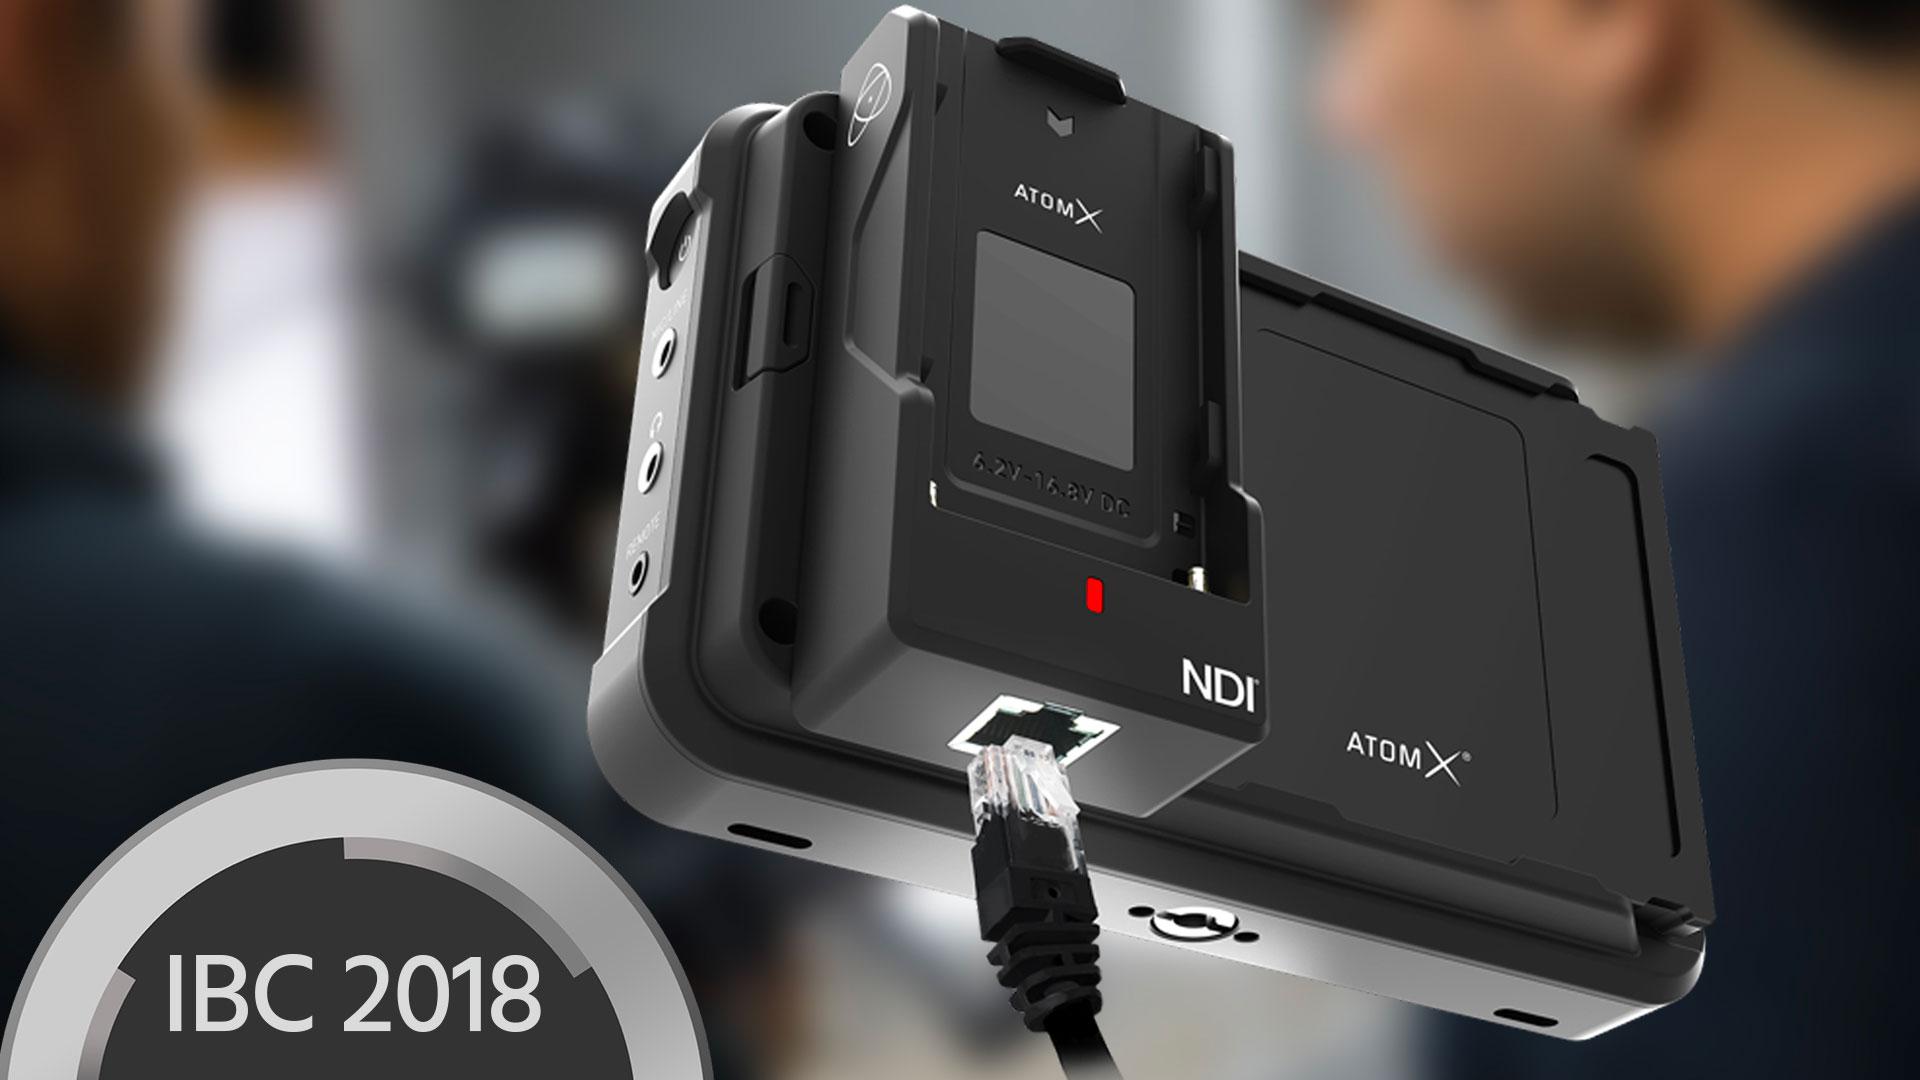 Atomos Ninja V ahora con tecnología NDI e inalámbrica con los últimos módulos complementarios AtomX